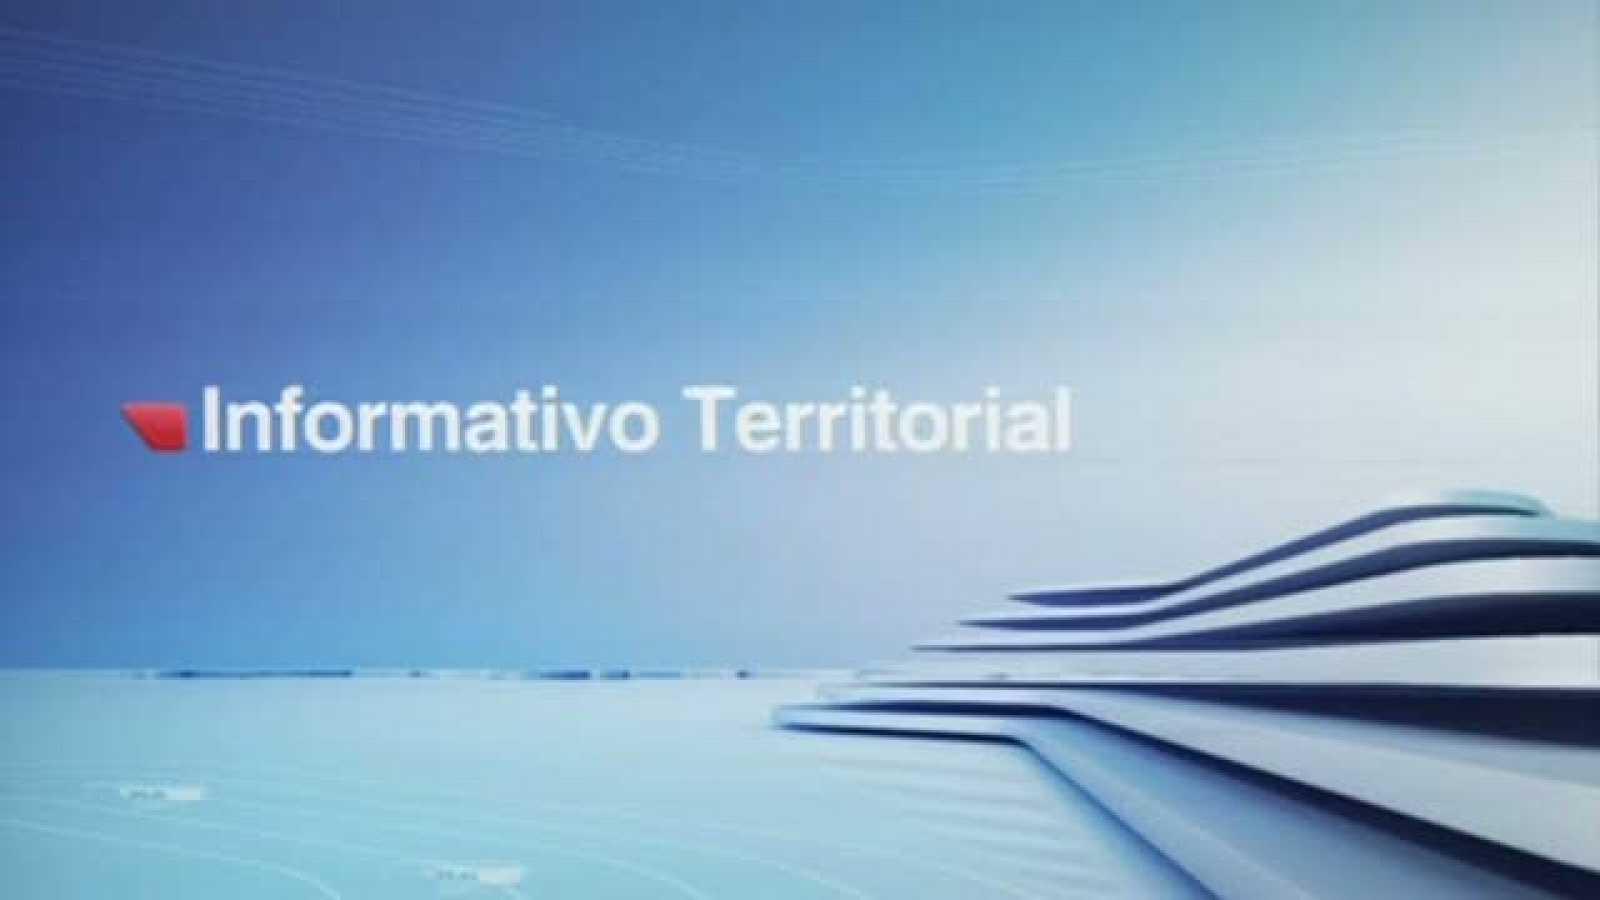 Noticias de Castilla-La Mancha 2 - 25/01/2021 - Ver ahora